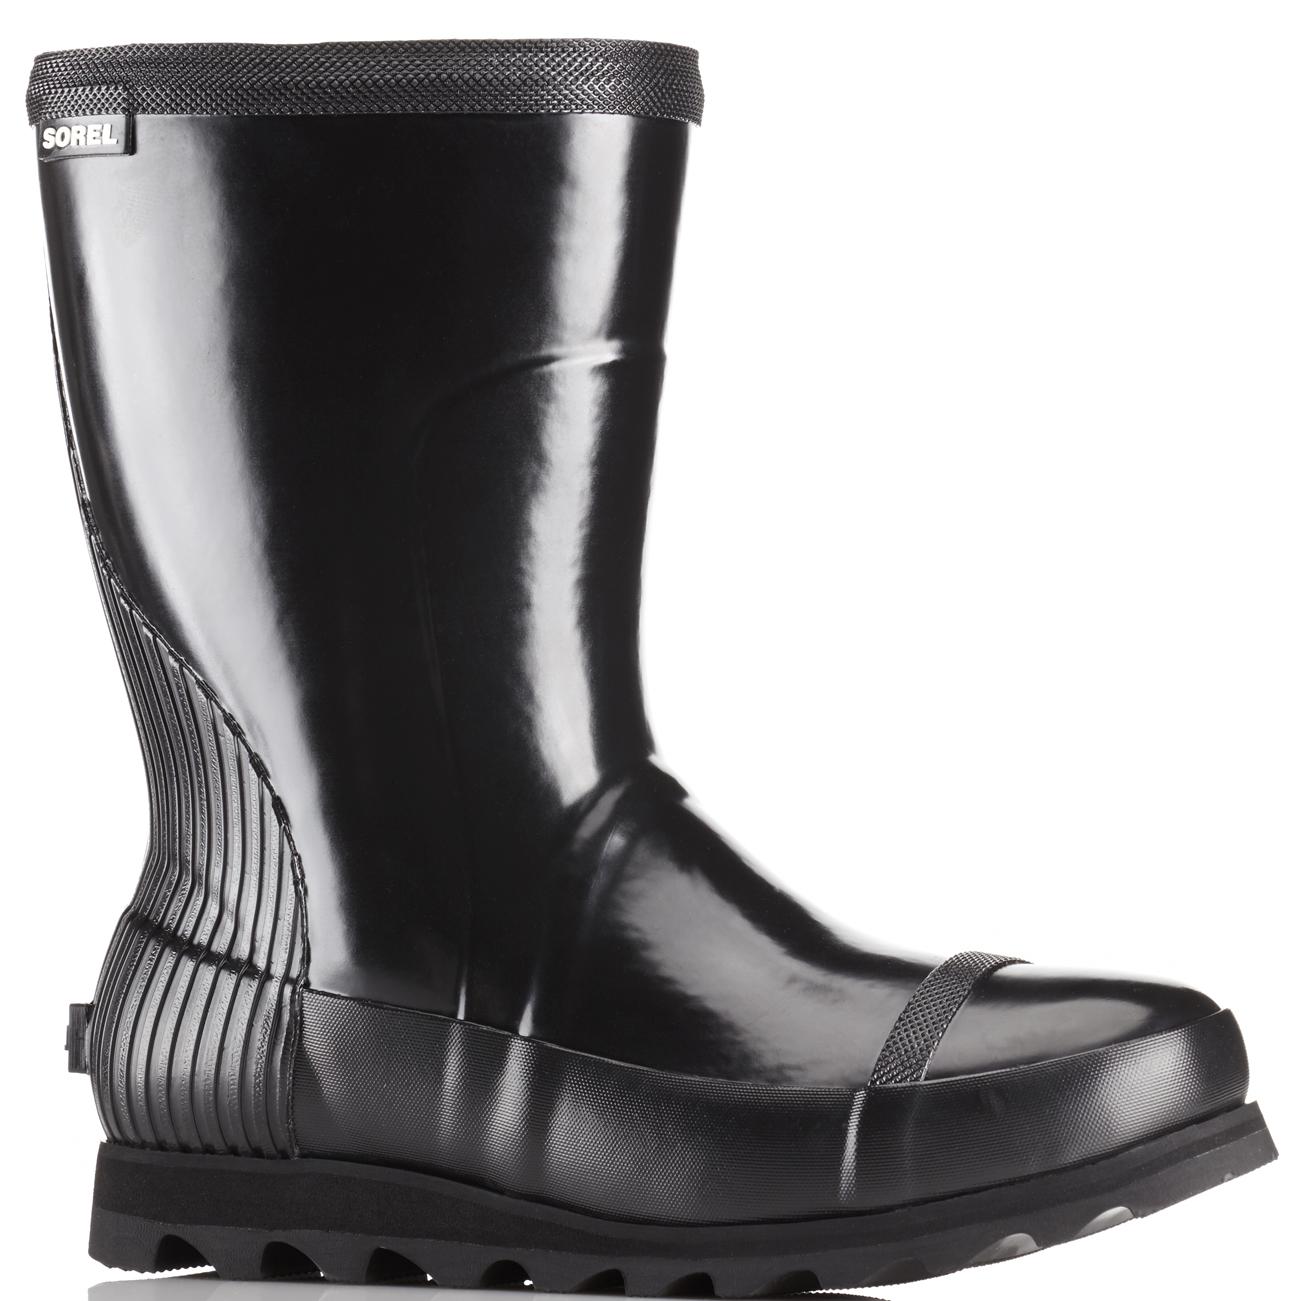 Damenschuhe Sorel Waterproof Joan Rain Short Gloss Waterproof Sorel Winter Stiefel Wellingtons US 5-11 ef01fd